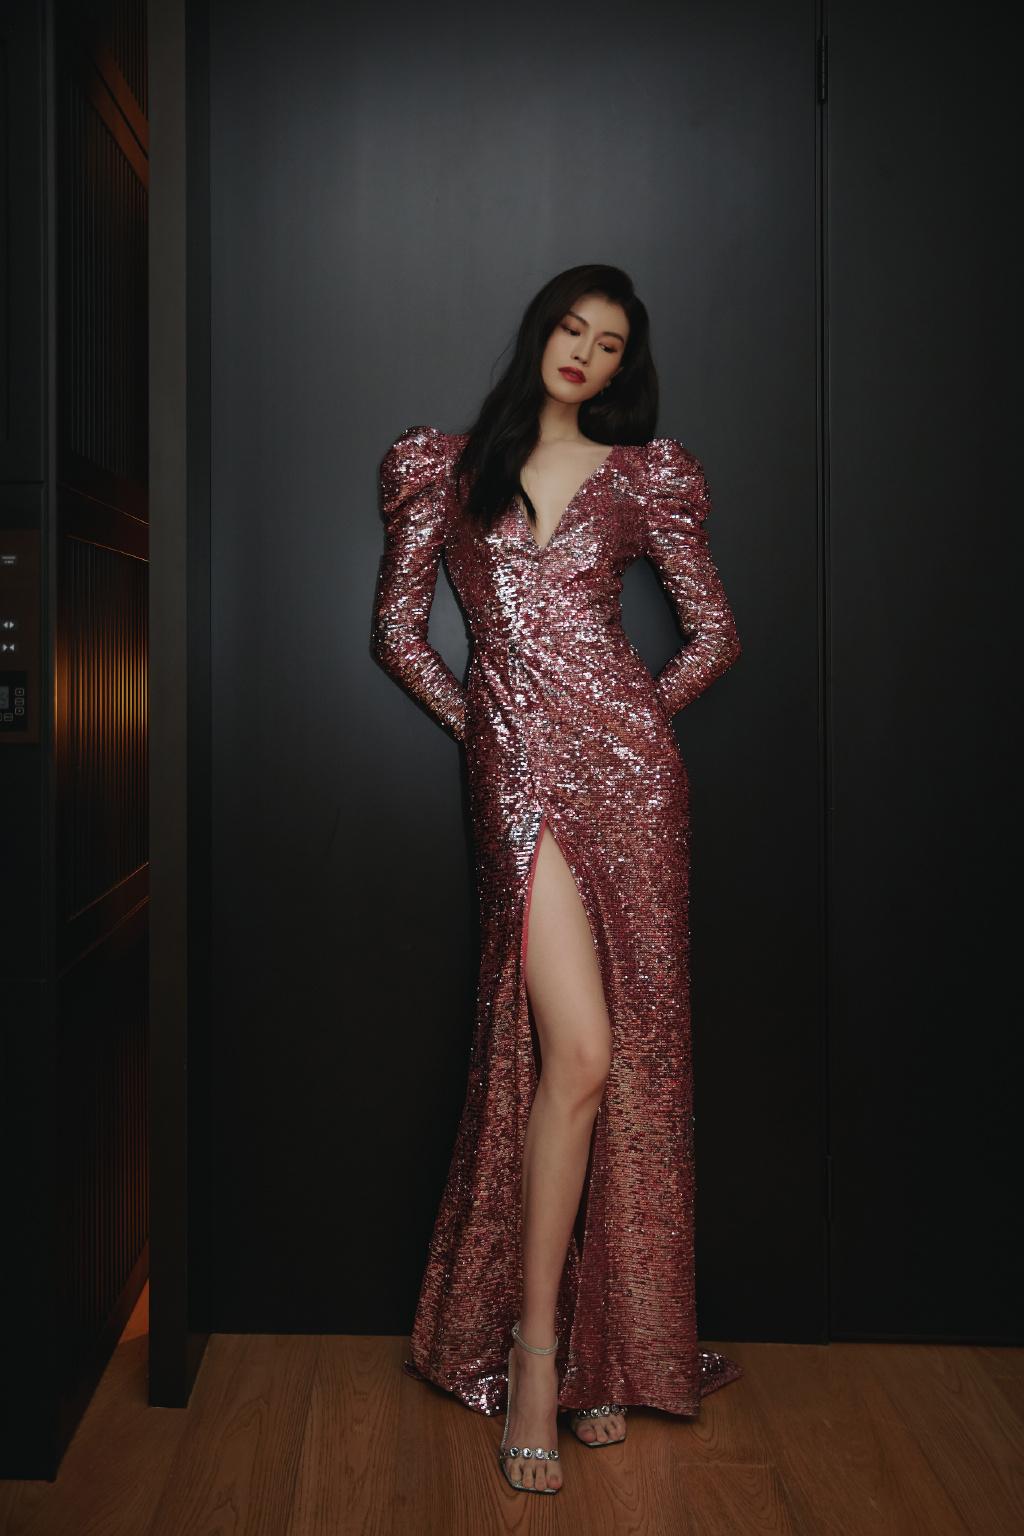 何穗出席合生缦系新作缦云全球发布会,高开衩深V亮片长裙,明艳动人,依旧是那个优雅的何穗。